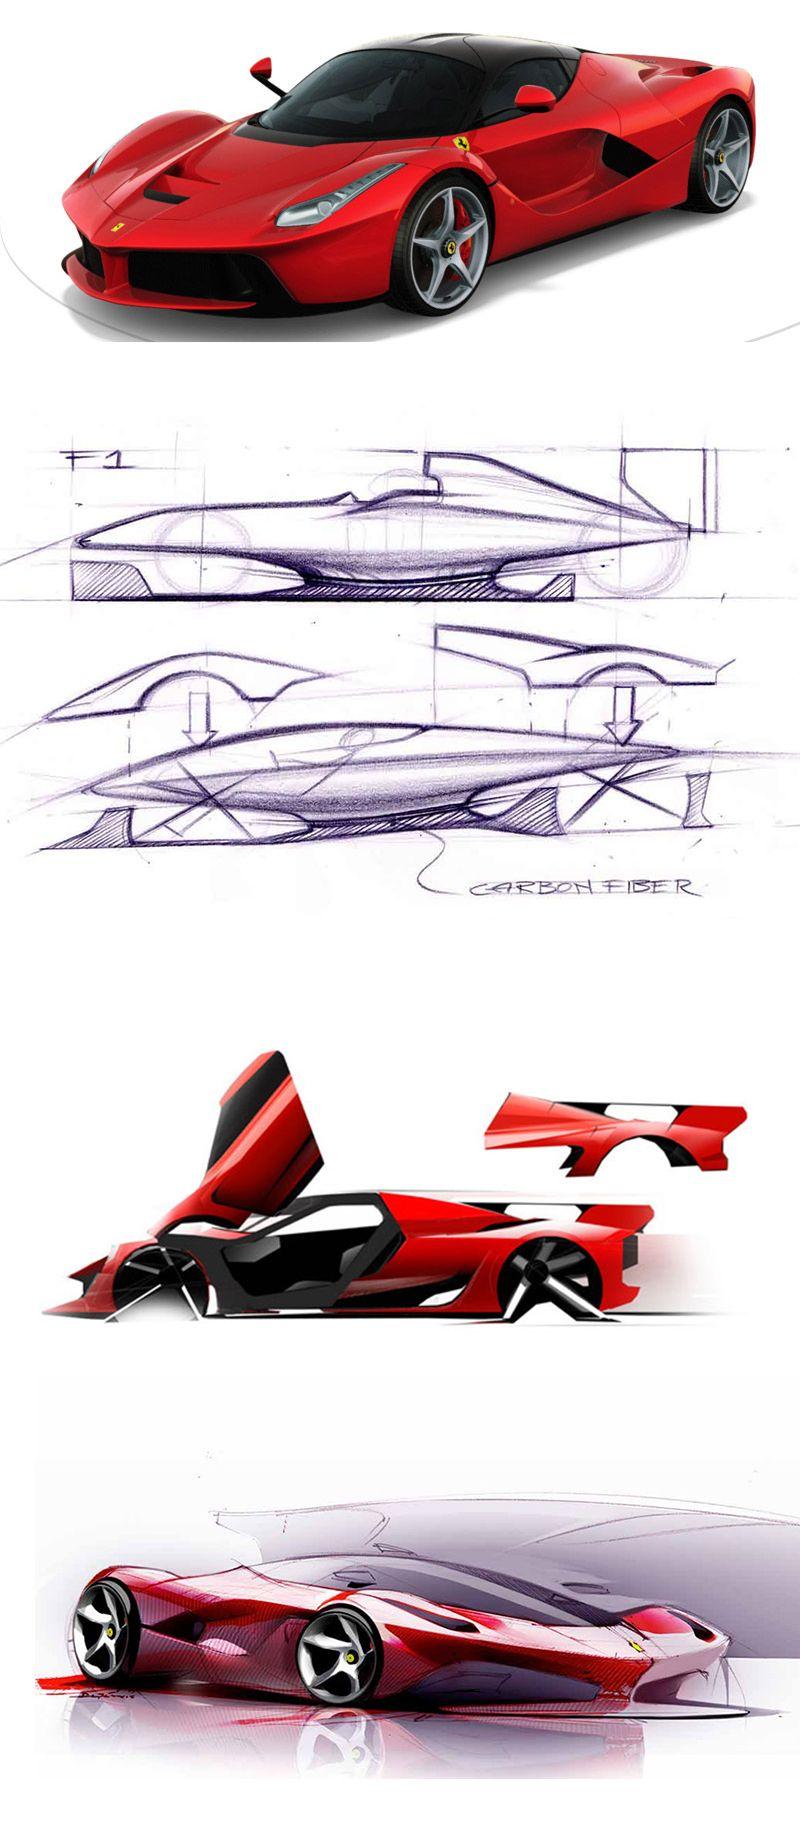 Ferrari Great Supercar Design Sketches 3d Supercar Design Car And Motorcycle Design Car Design